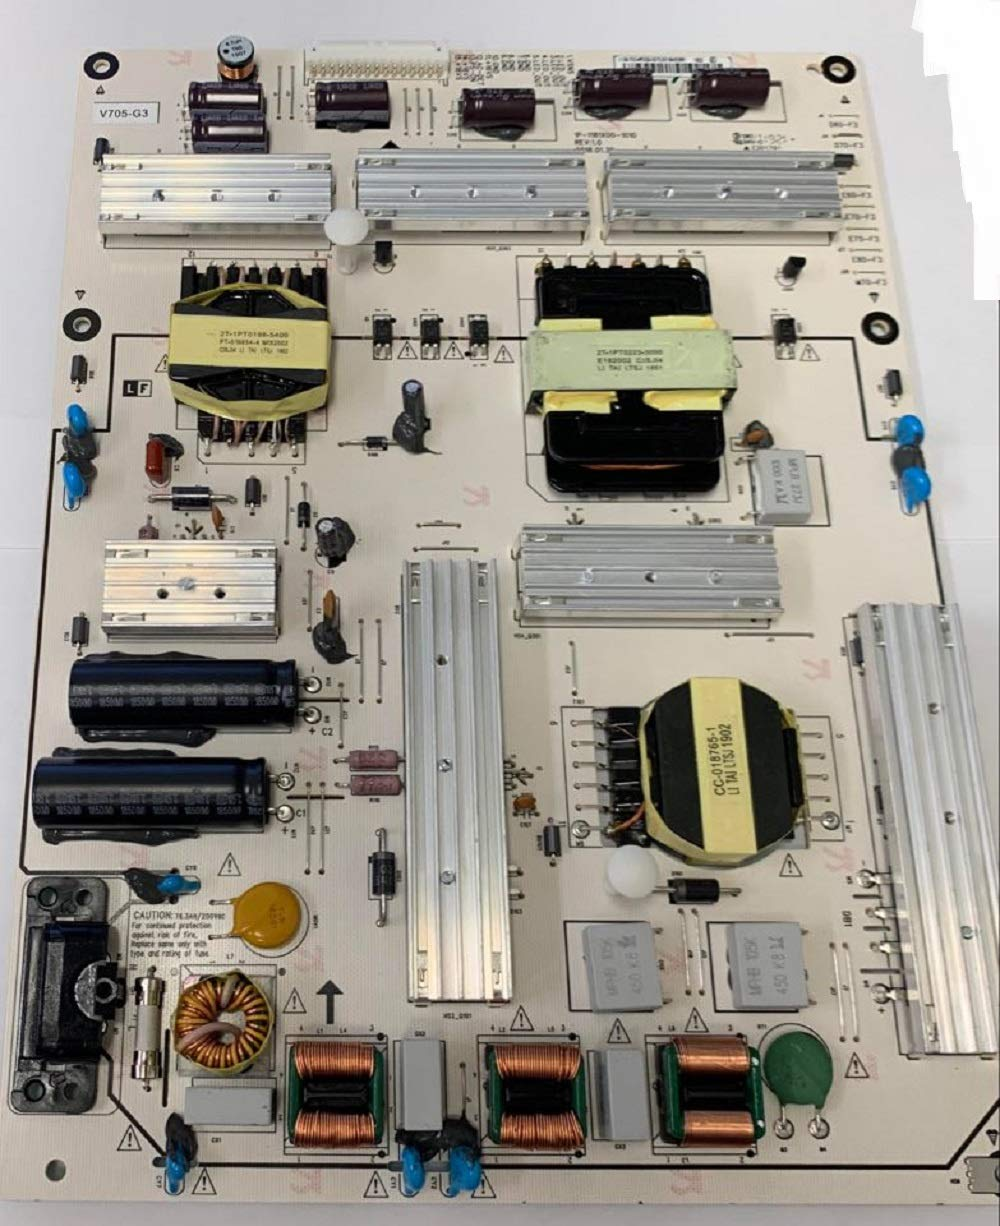 V705-G3 Power Board 1P-1181X00-1010 V09-70CAR0Q0-00